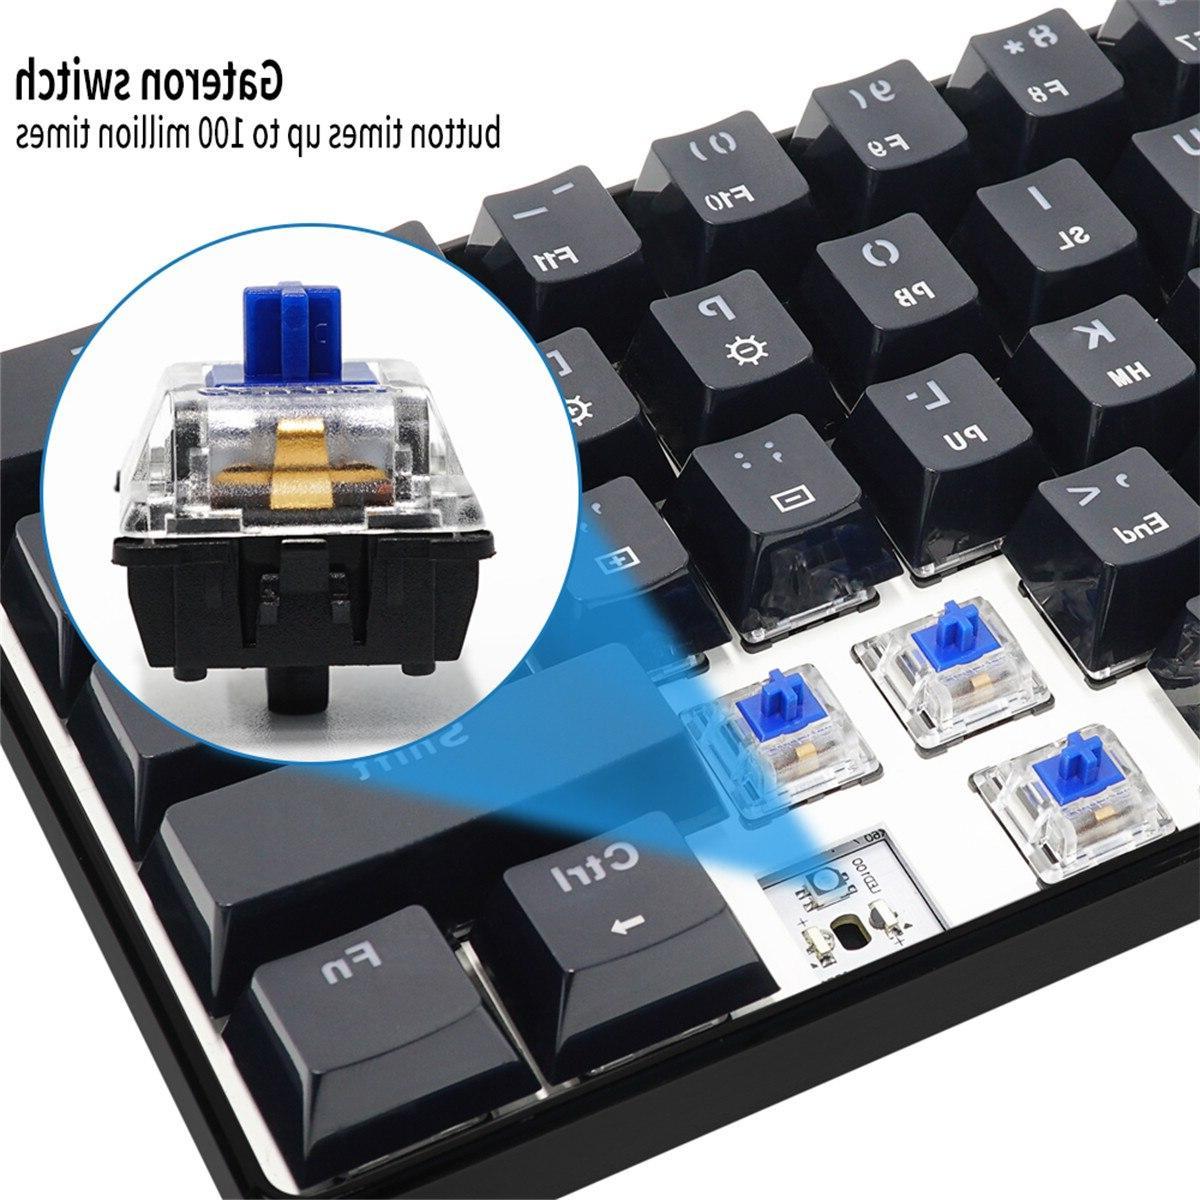 <font><b>Mechanical</b></font> <font><b>Keyboard</b></font> Can Be <font><b>Mechanical</b></font> Axis games